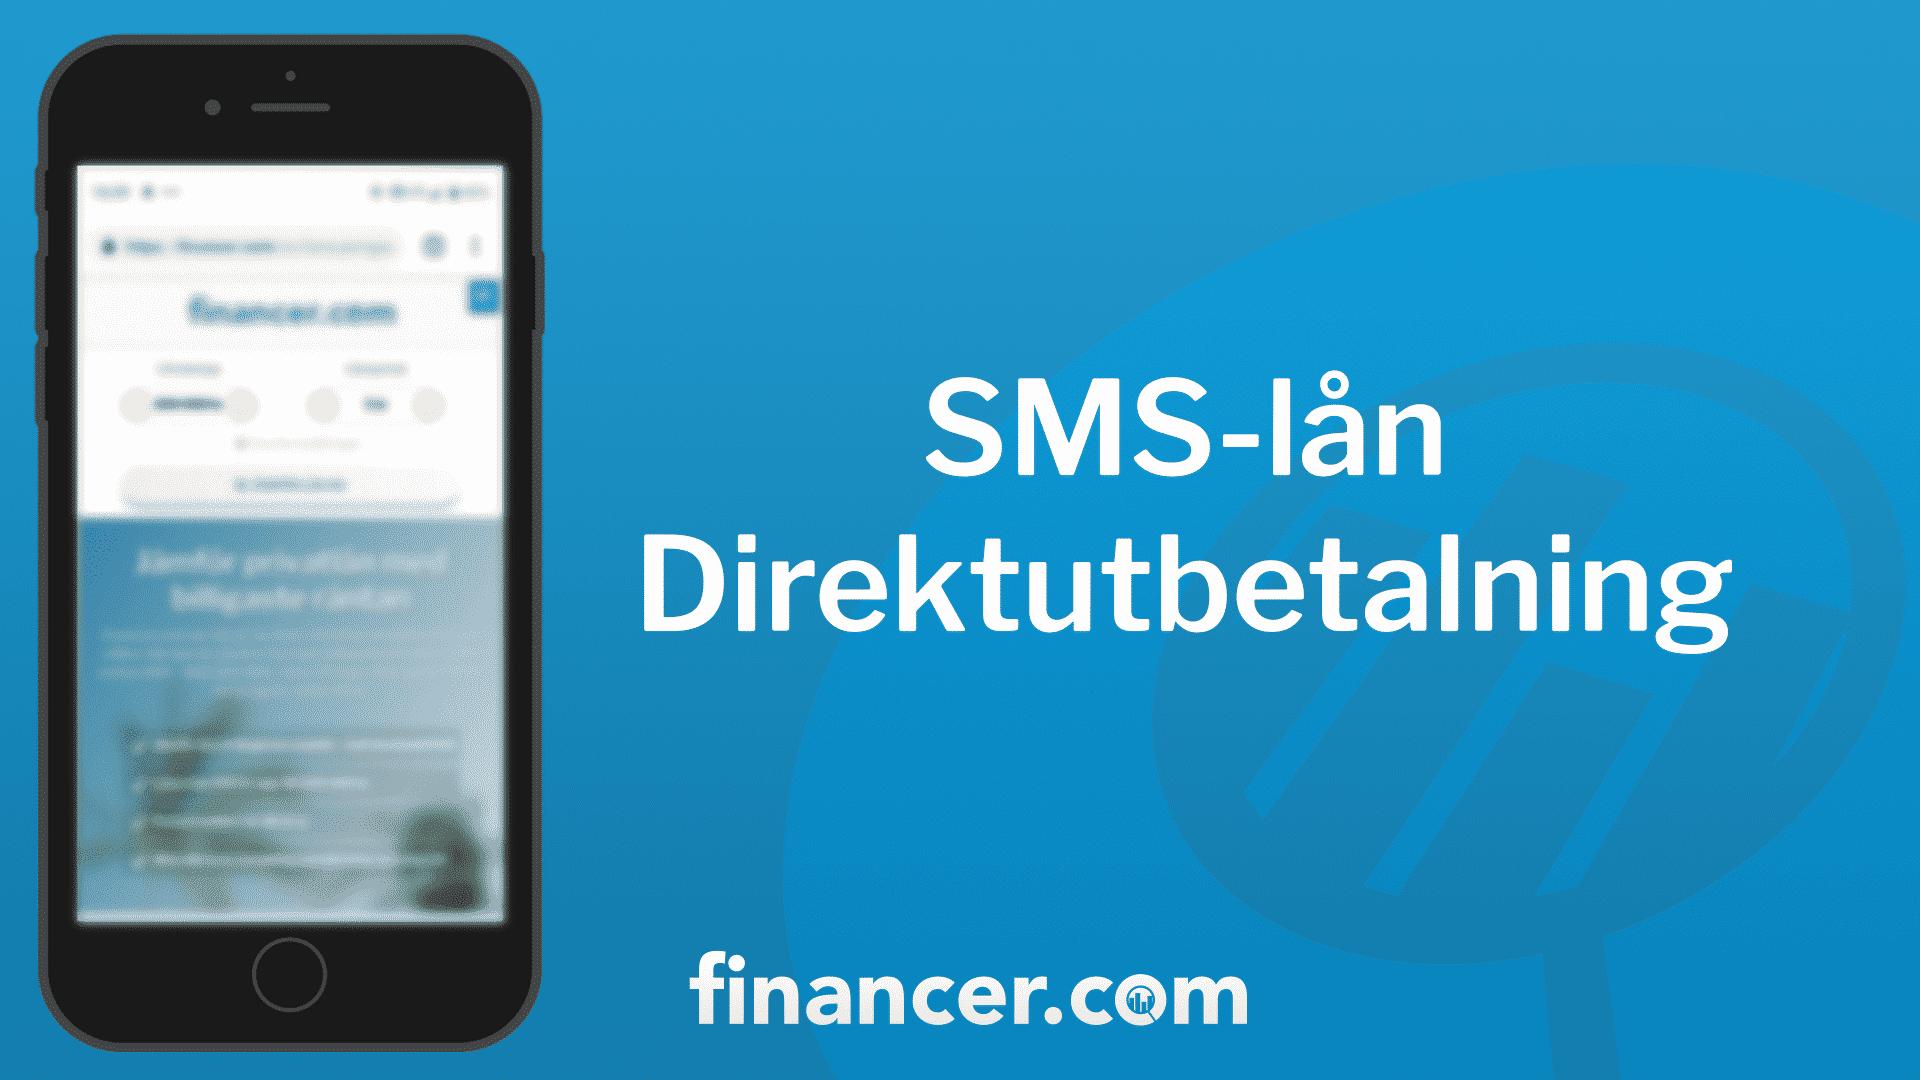 SMSlån med direktutbetalning